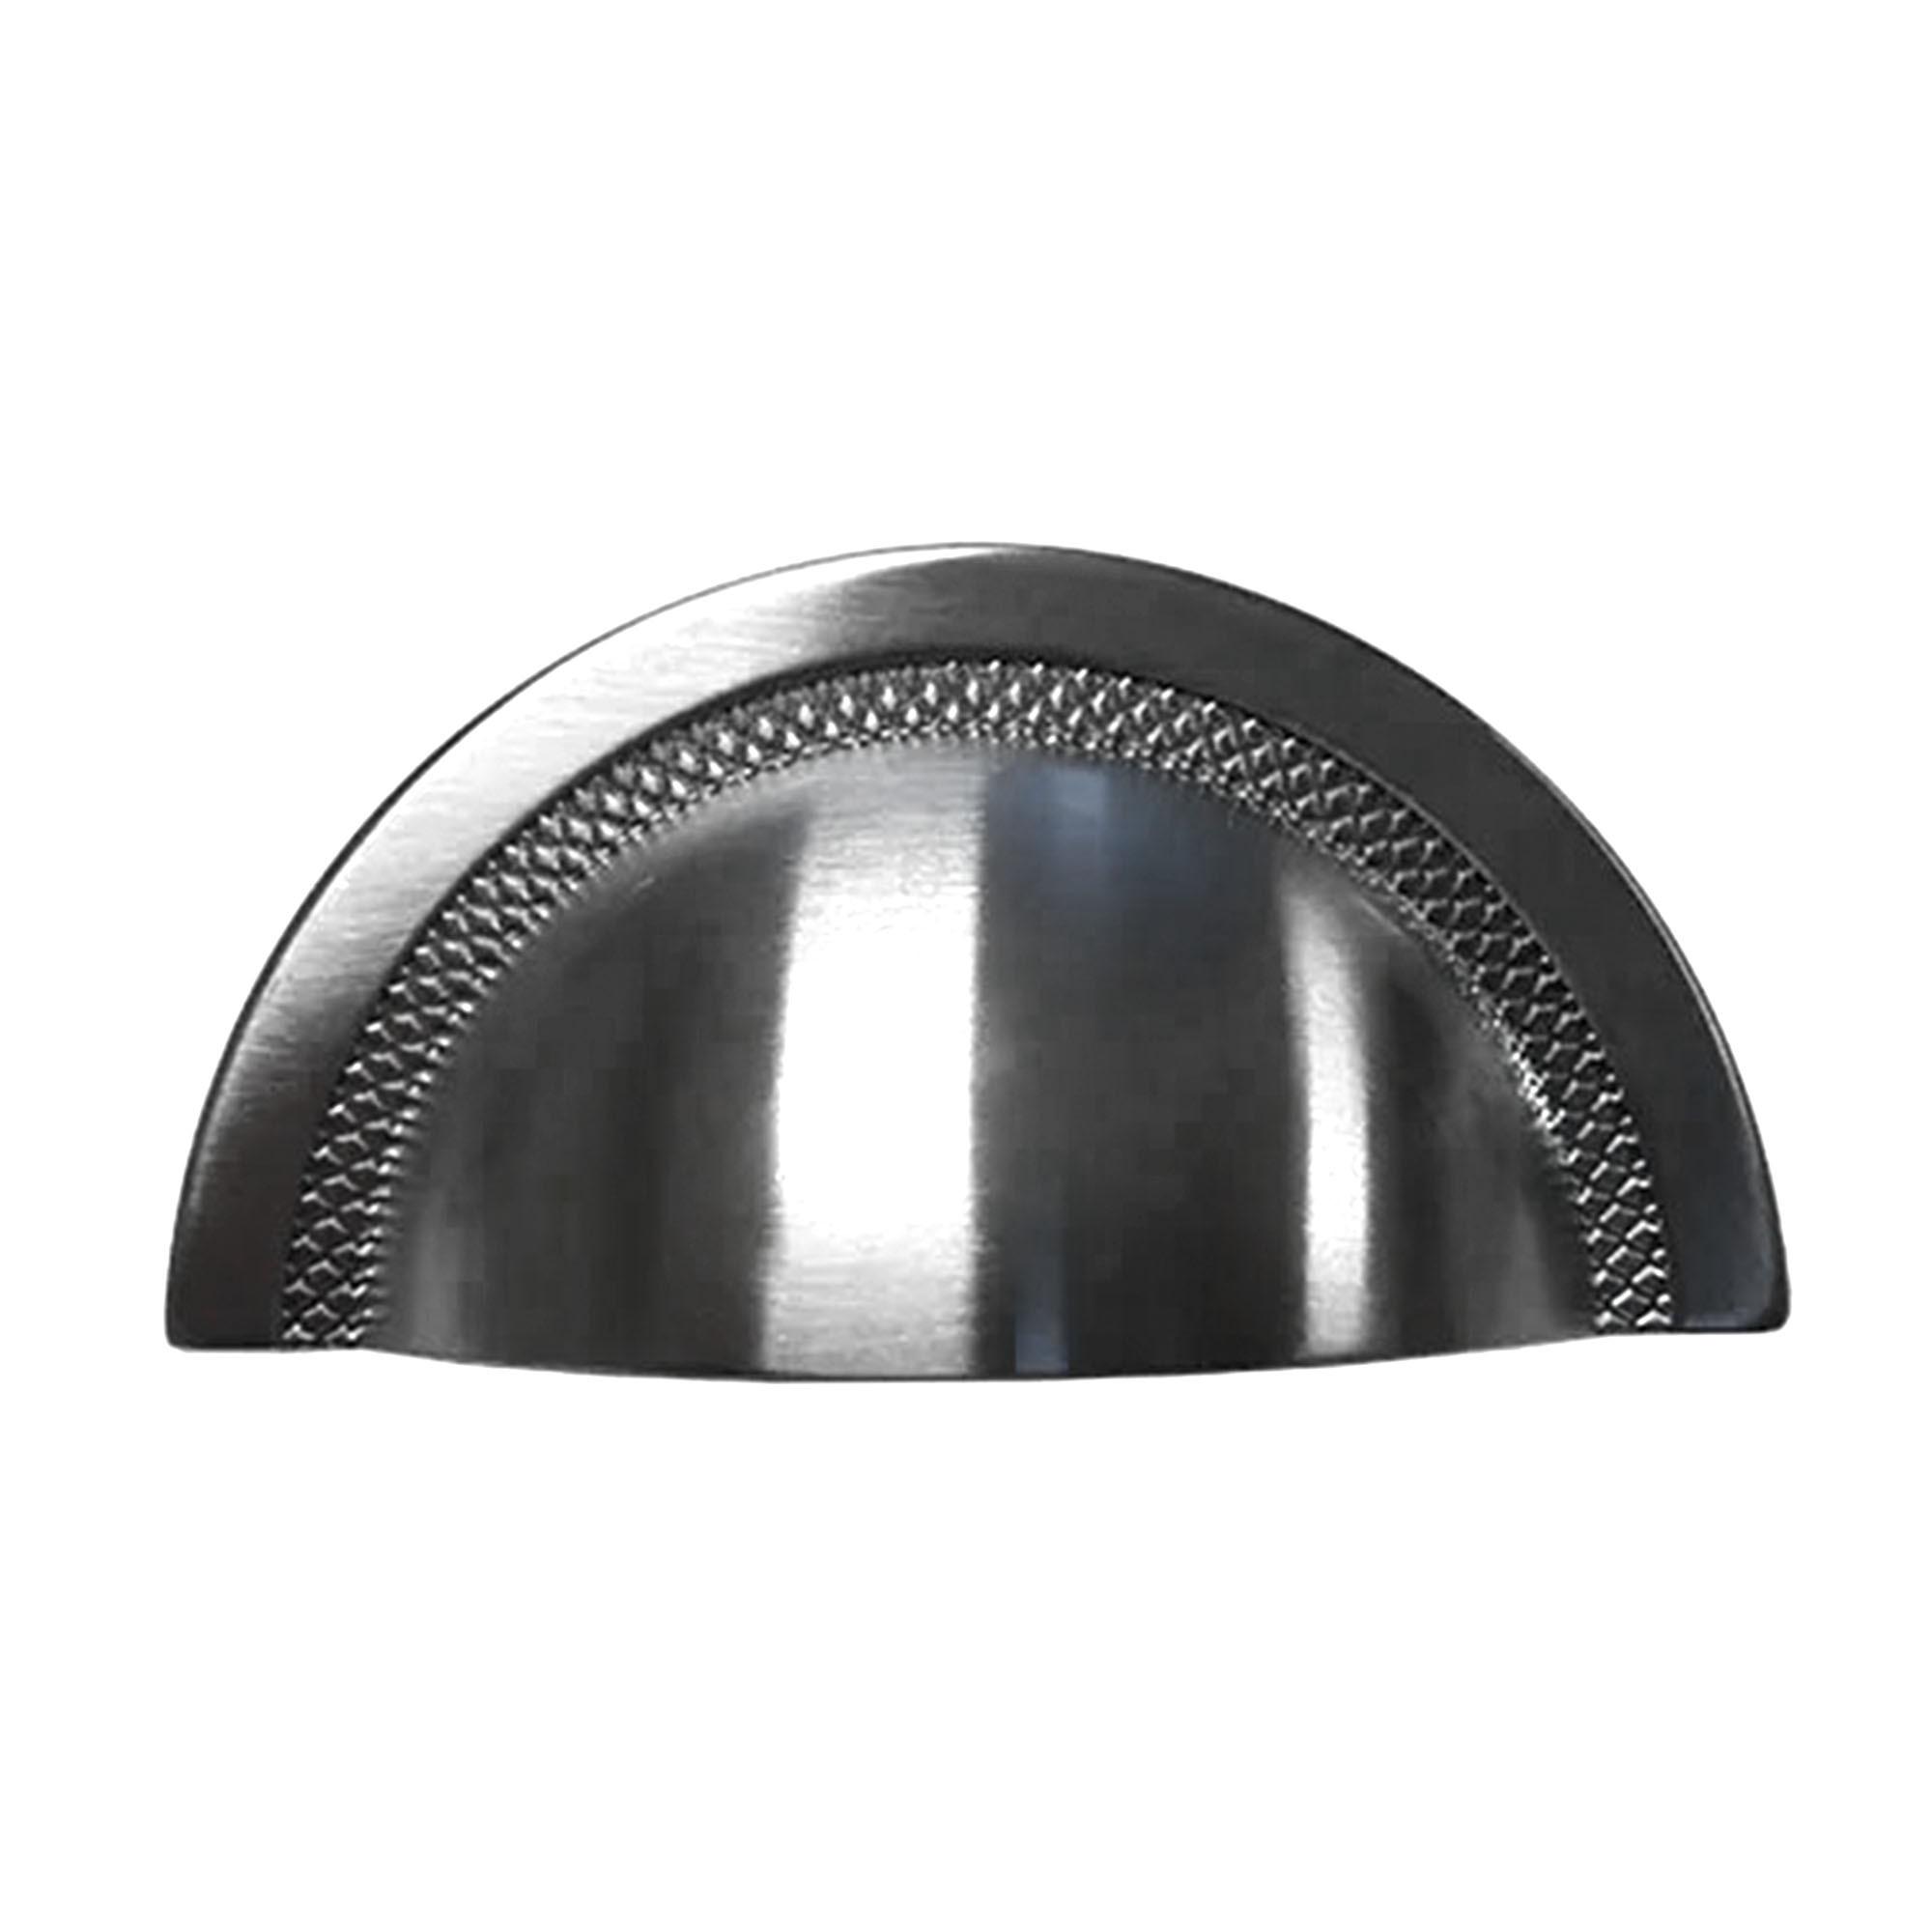 Puxador Shell 48mm Níquel Escovado com Verniz - Zen